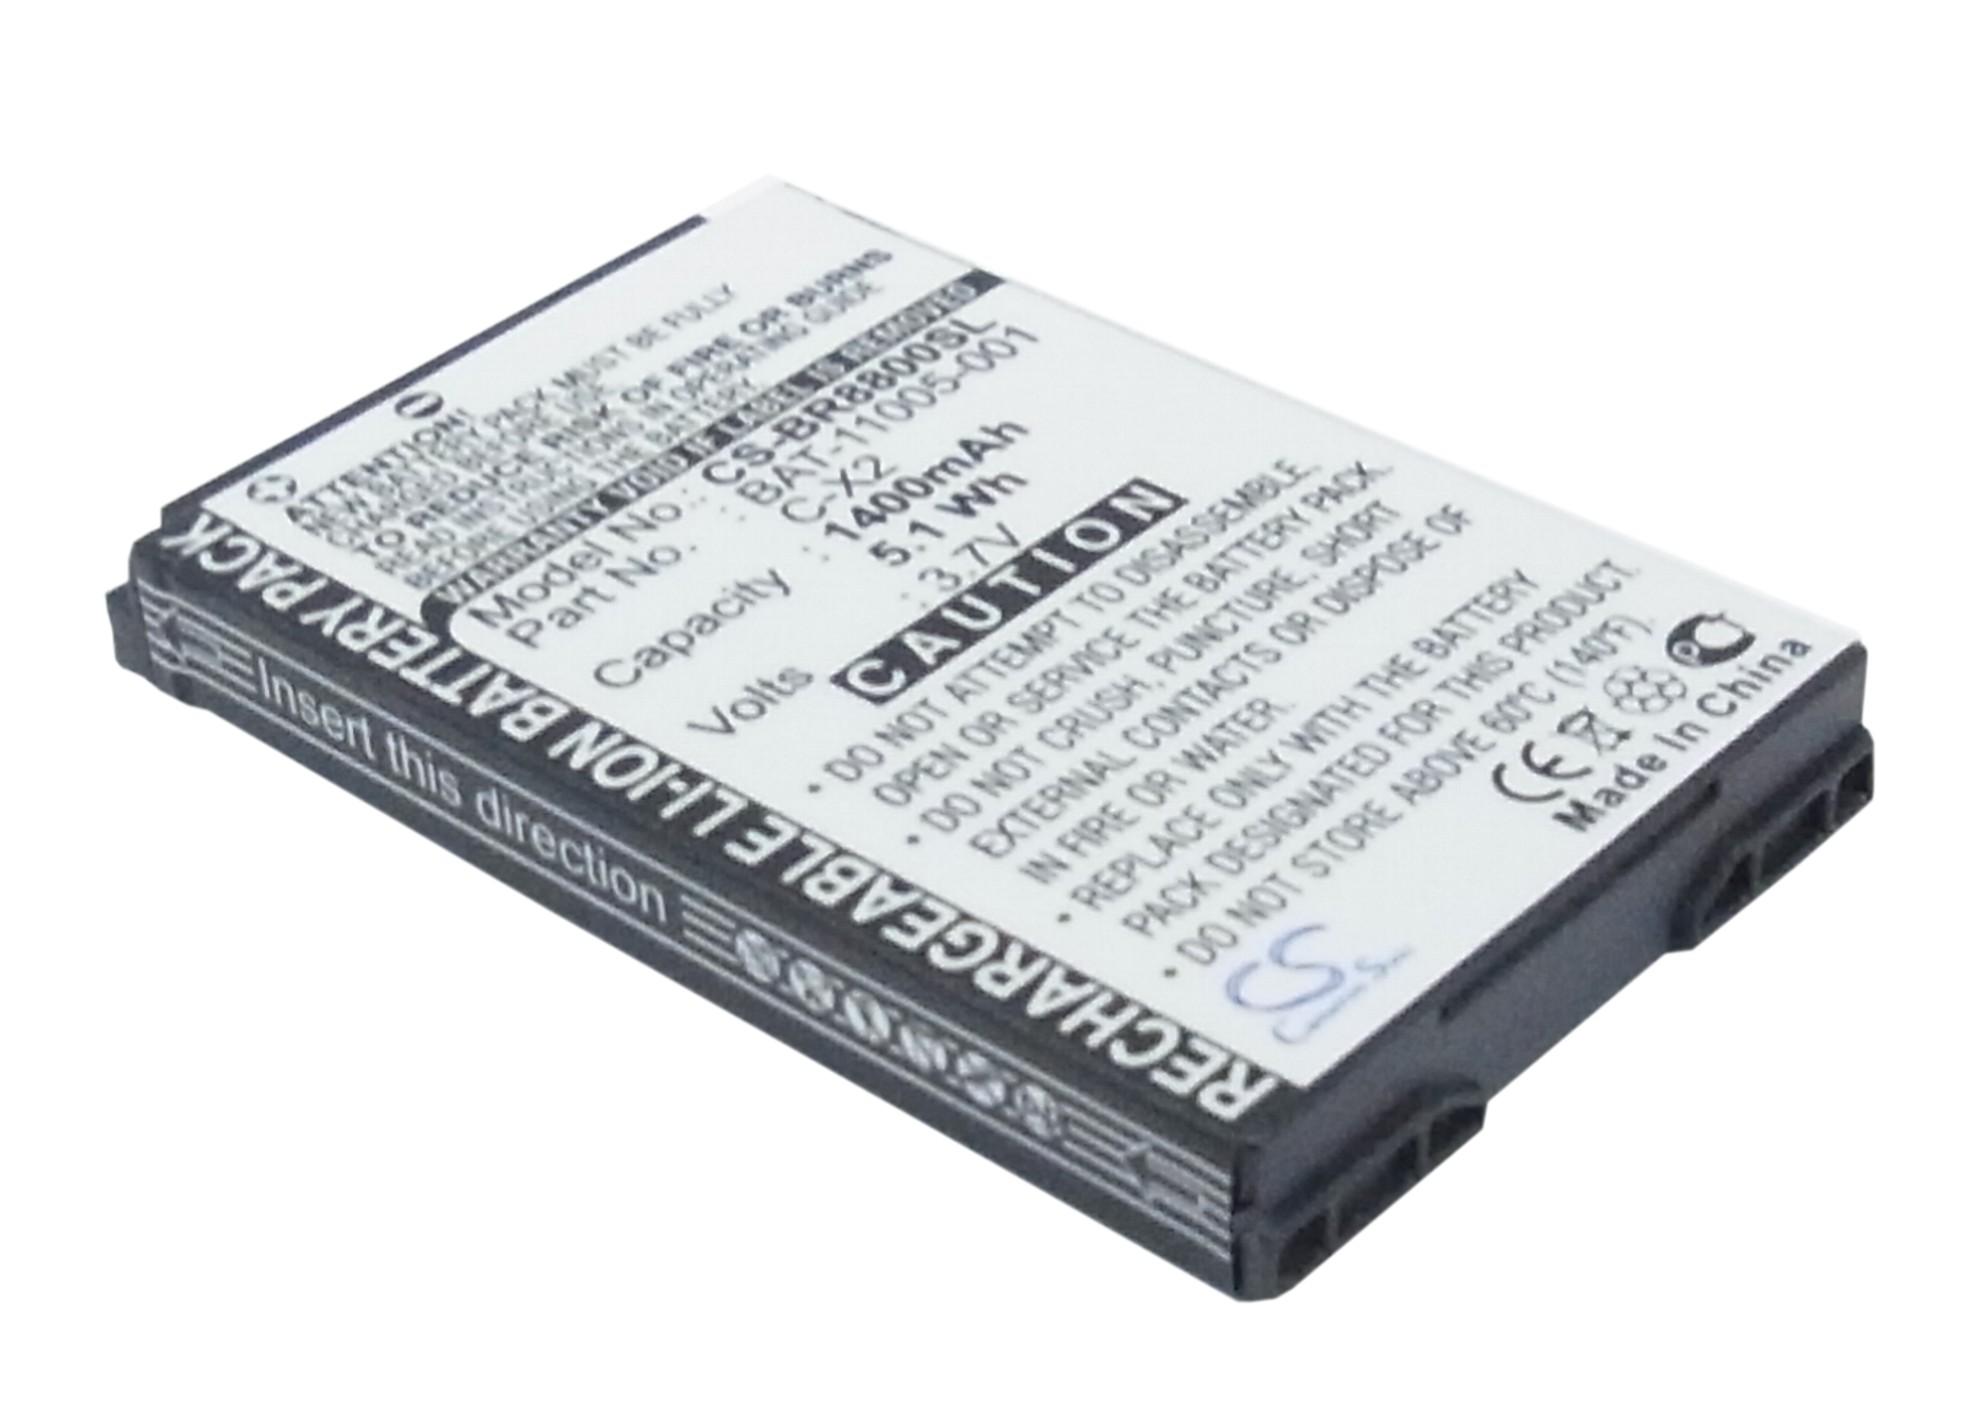 Cameron Sino baterie do mobilů pro BLACKBERRY 8800 3.7V Li-ion 1400mAh černá - neoriginální